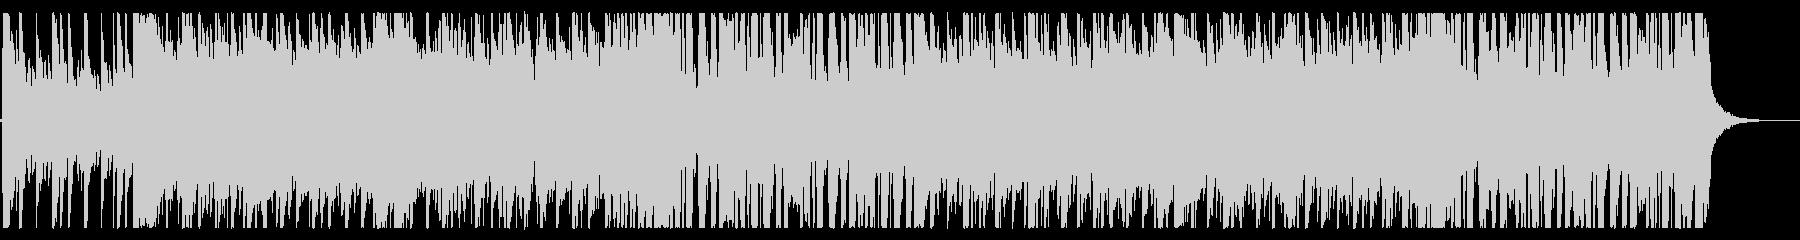 ロックギターリフ、オープニングのイメージの未再生の波形